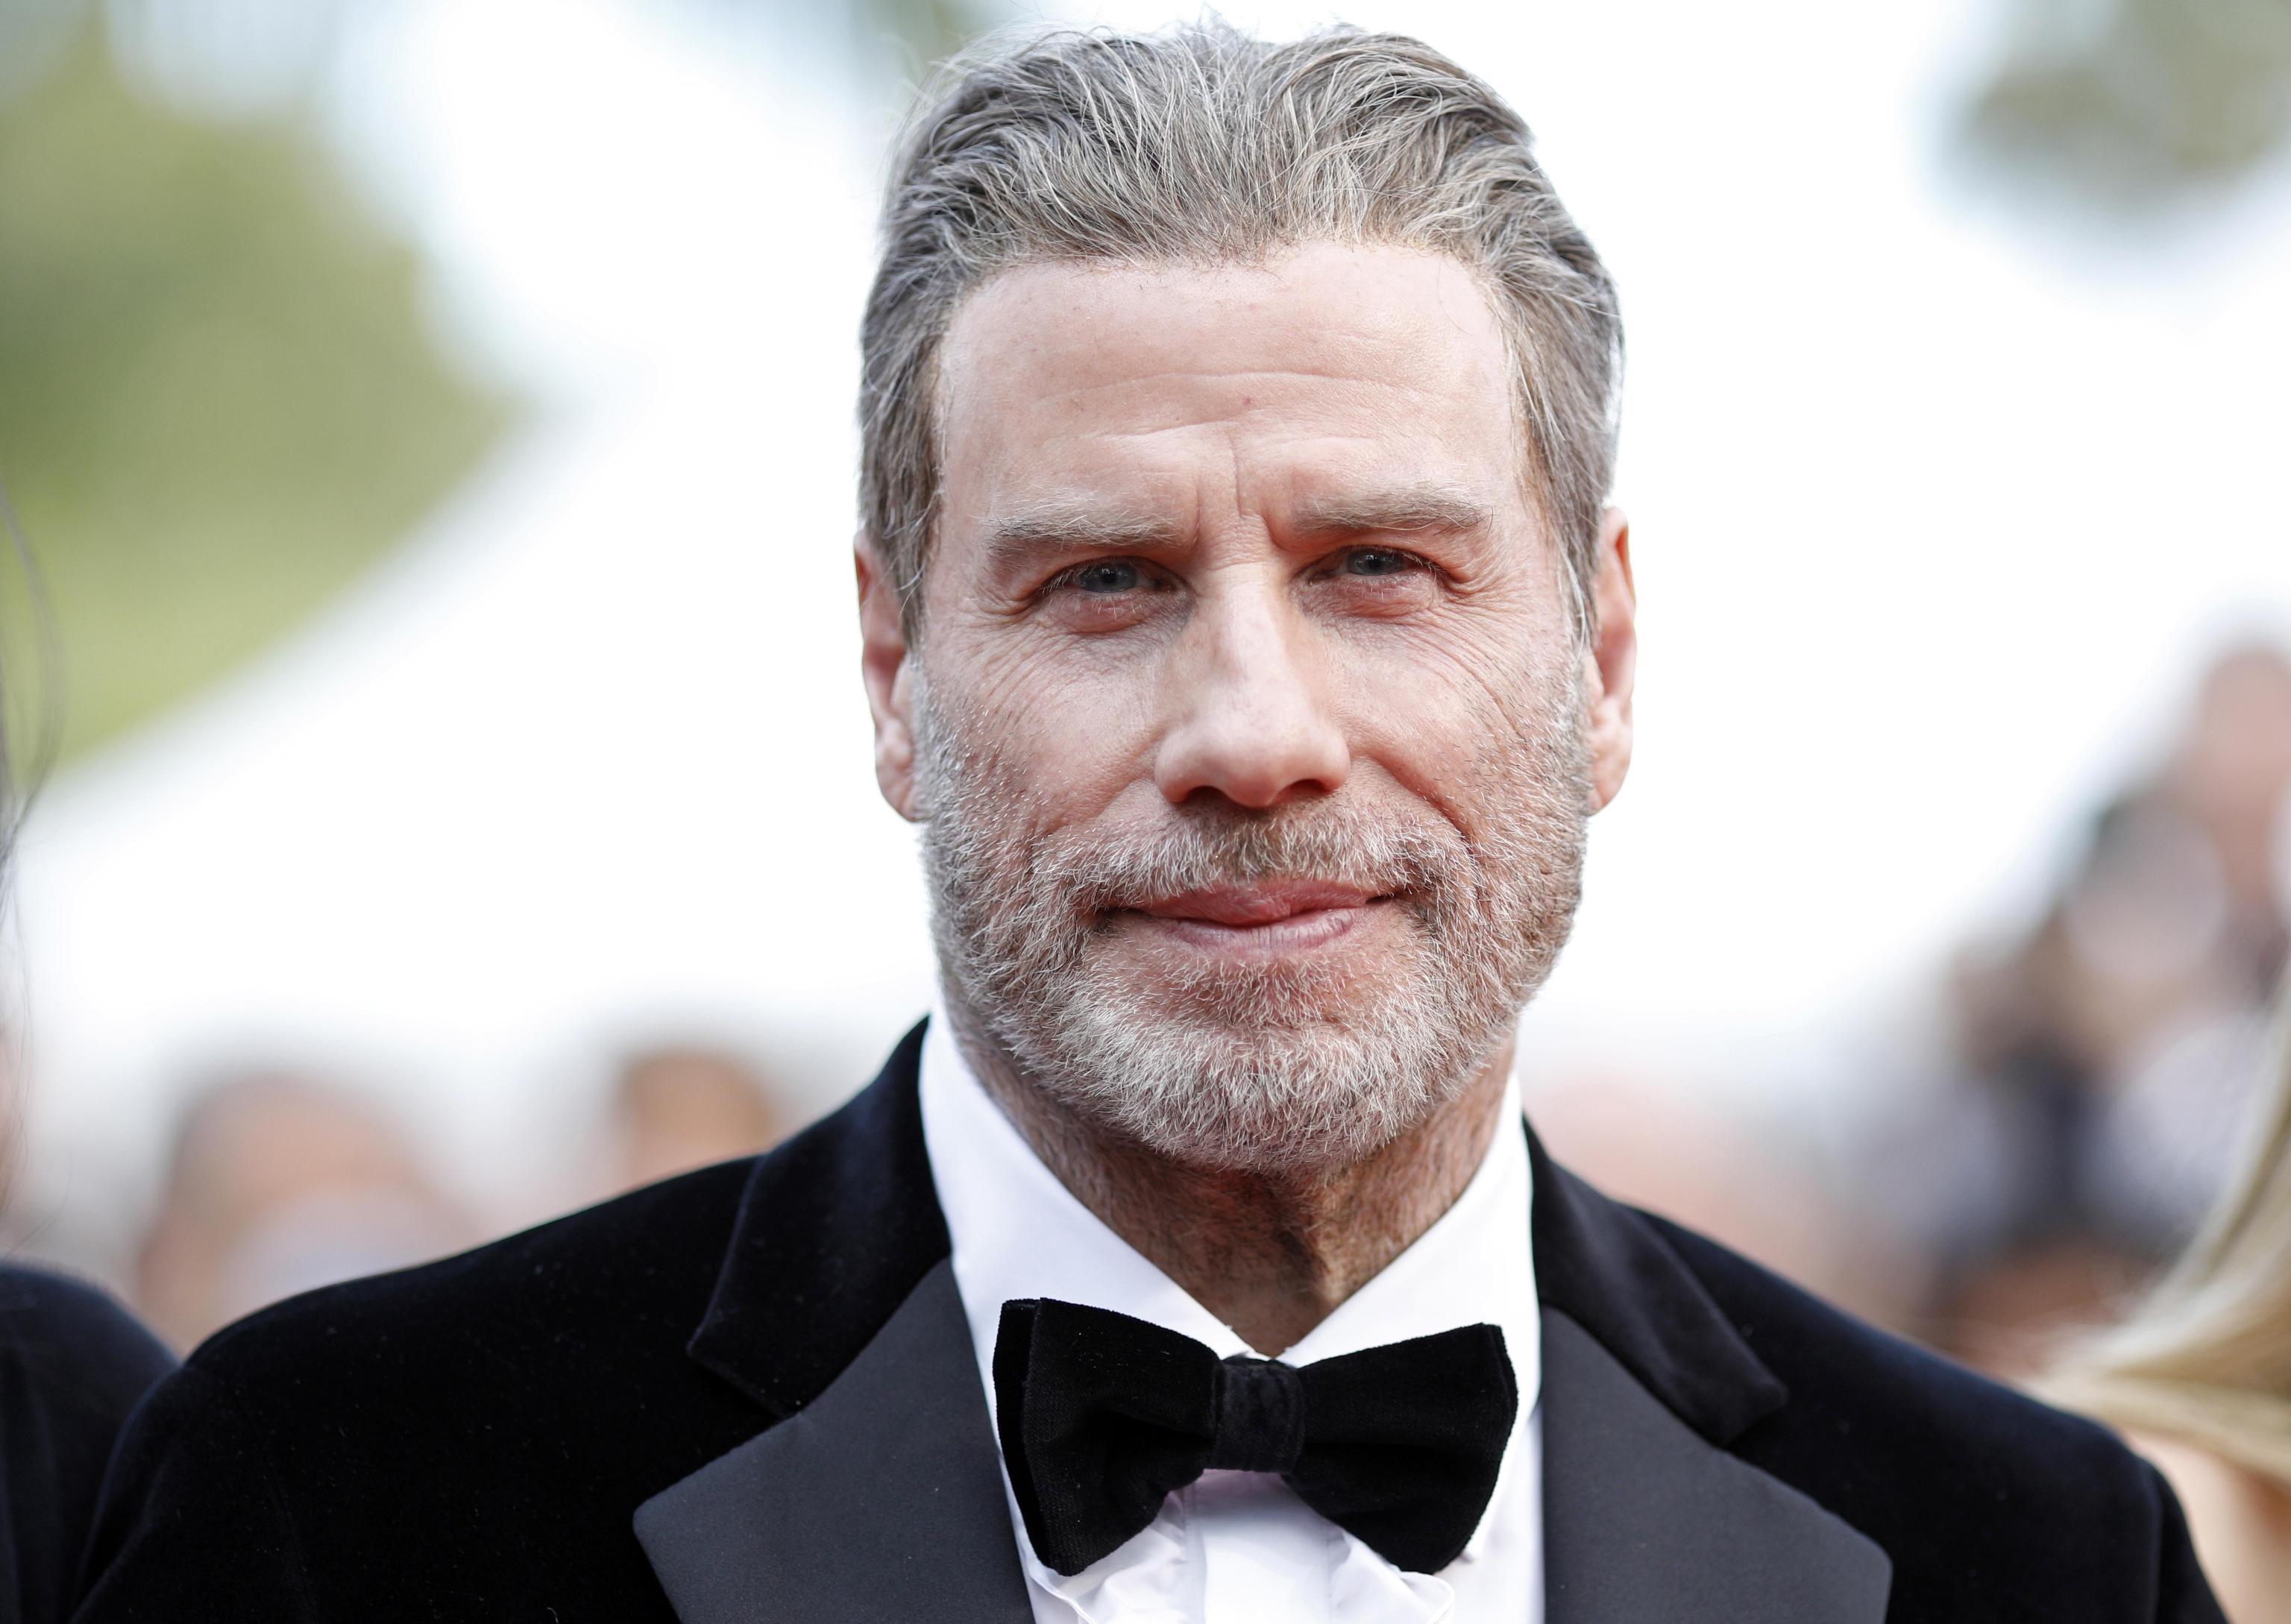 John Travolta svela il segreto e si leva il parrucchino: eccolo calvo